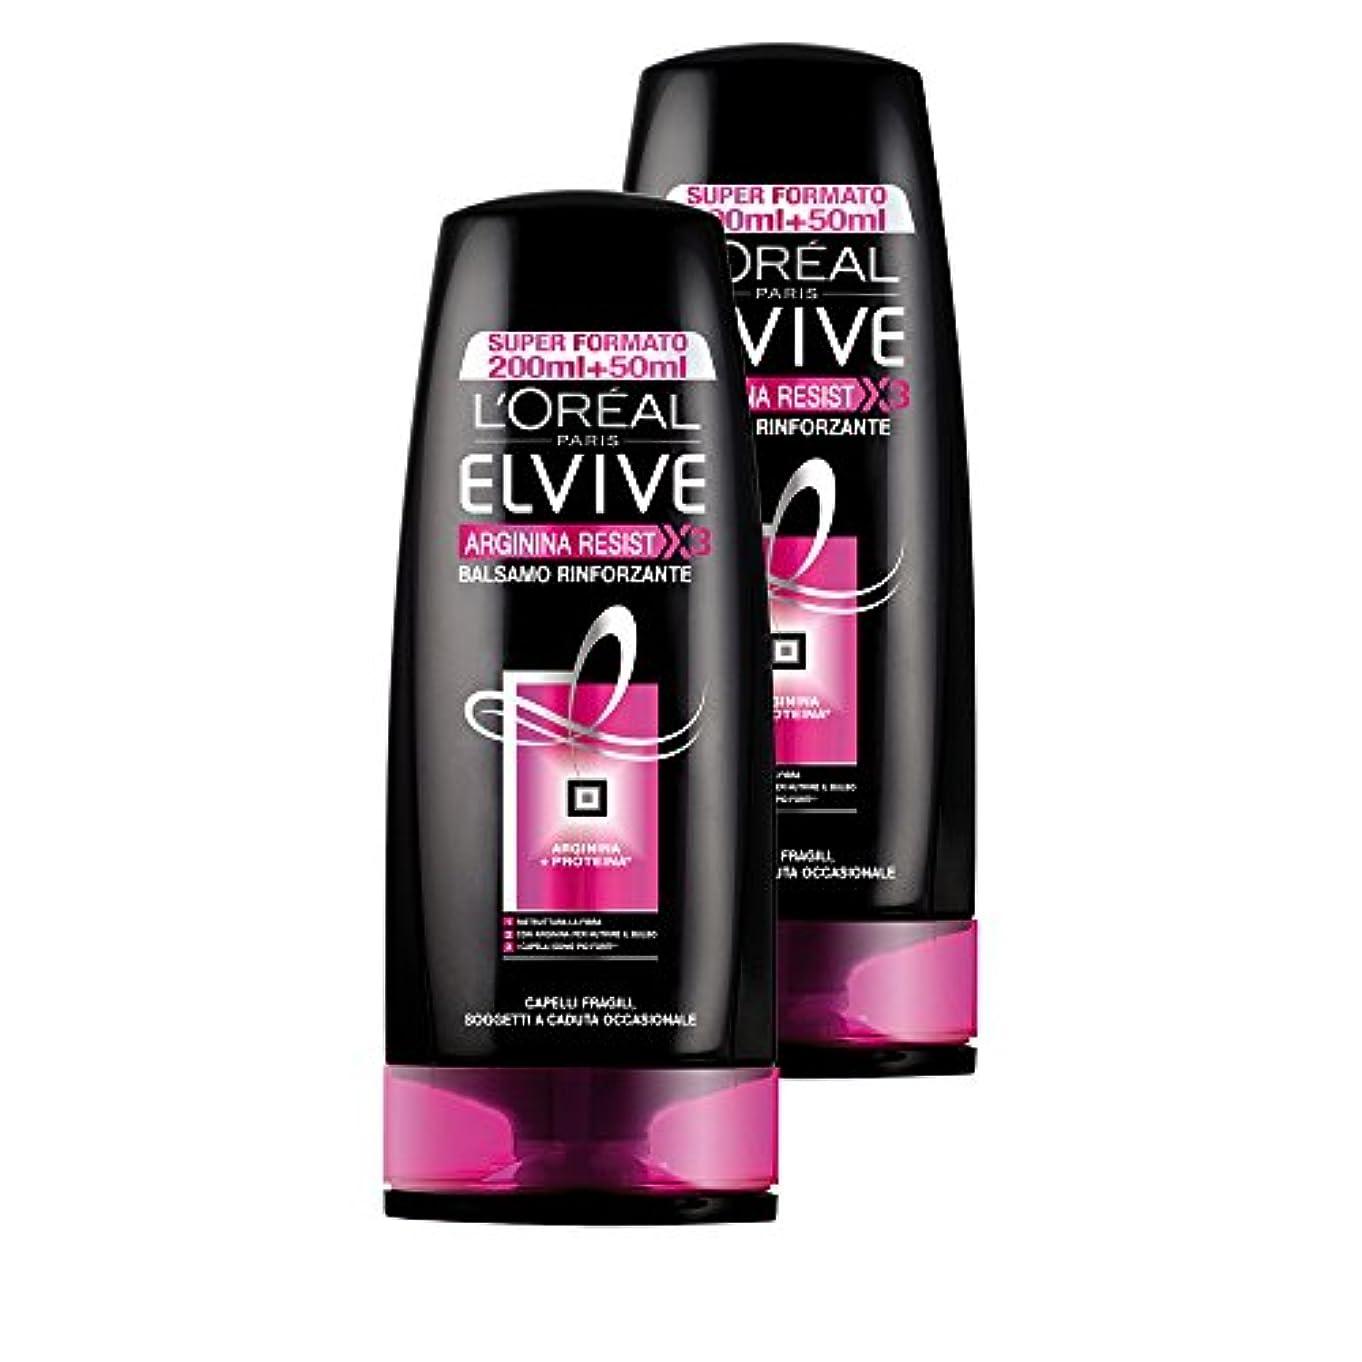 なす不振使用法L 'OréalParis ElviveアルギニンレジストX3バームリンフォルザンテ、壊れやすい髪用、3パック2 x 250 ml、合計:1500 ml